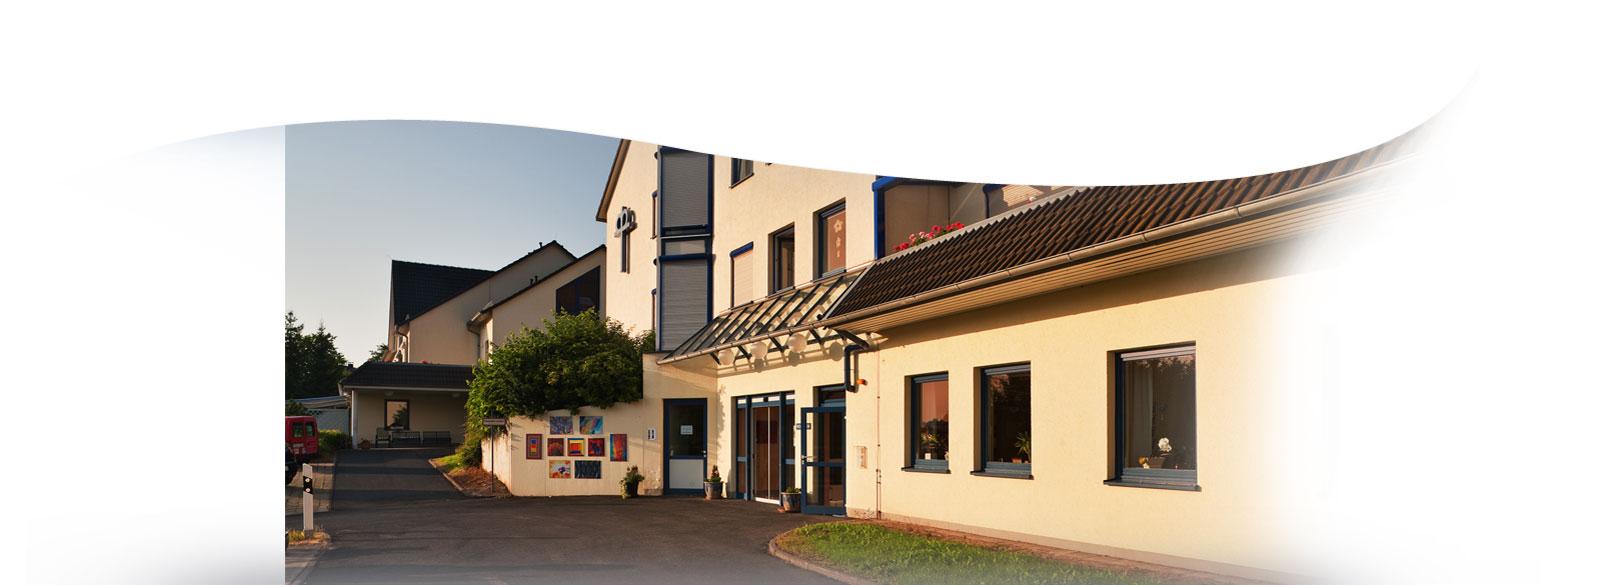 9. Headerbild Tanner Diakonie GmbH